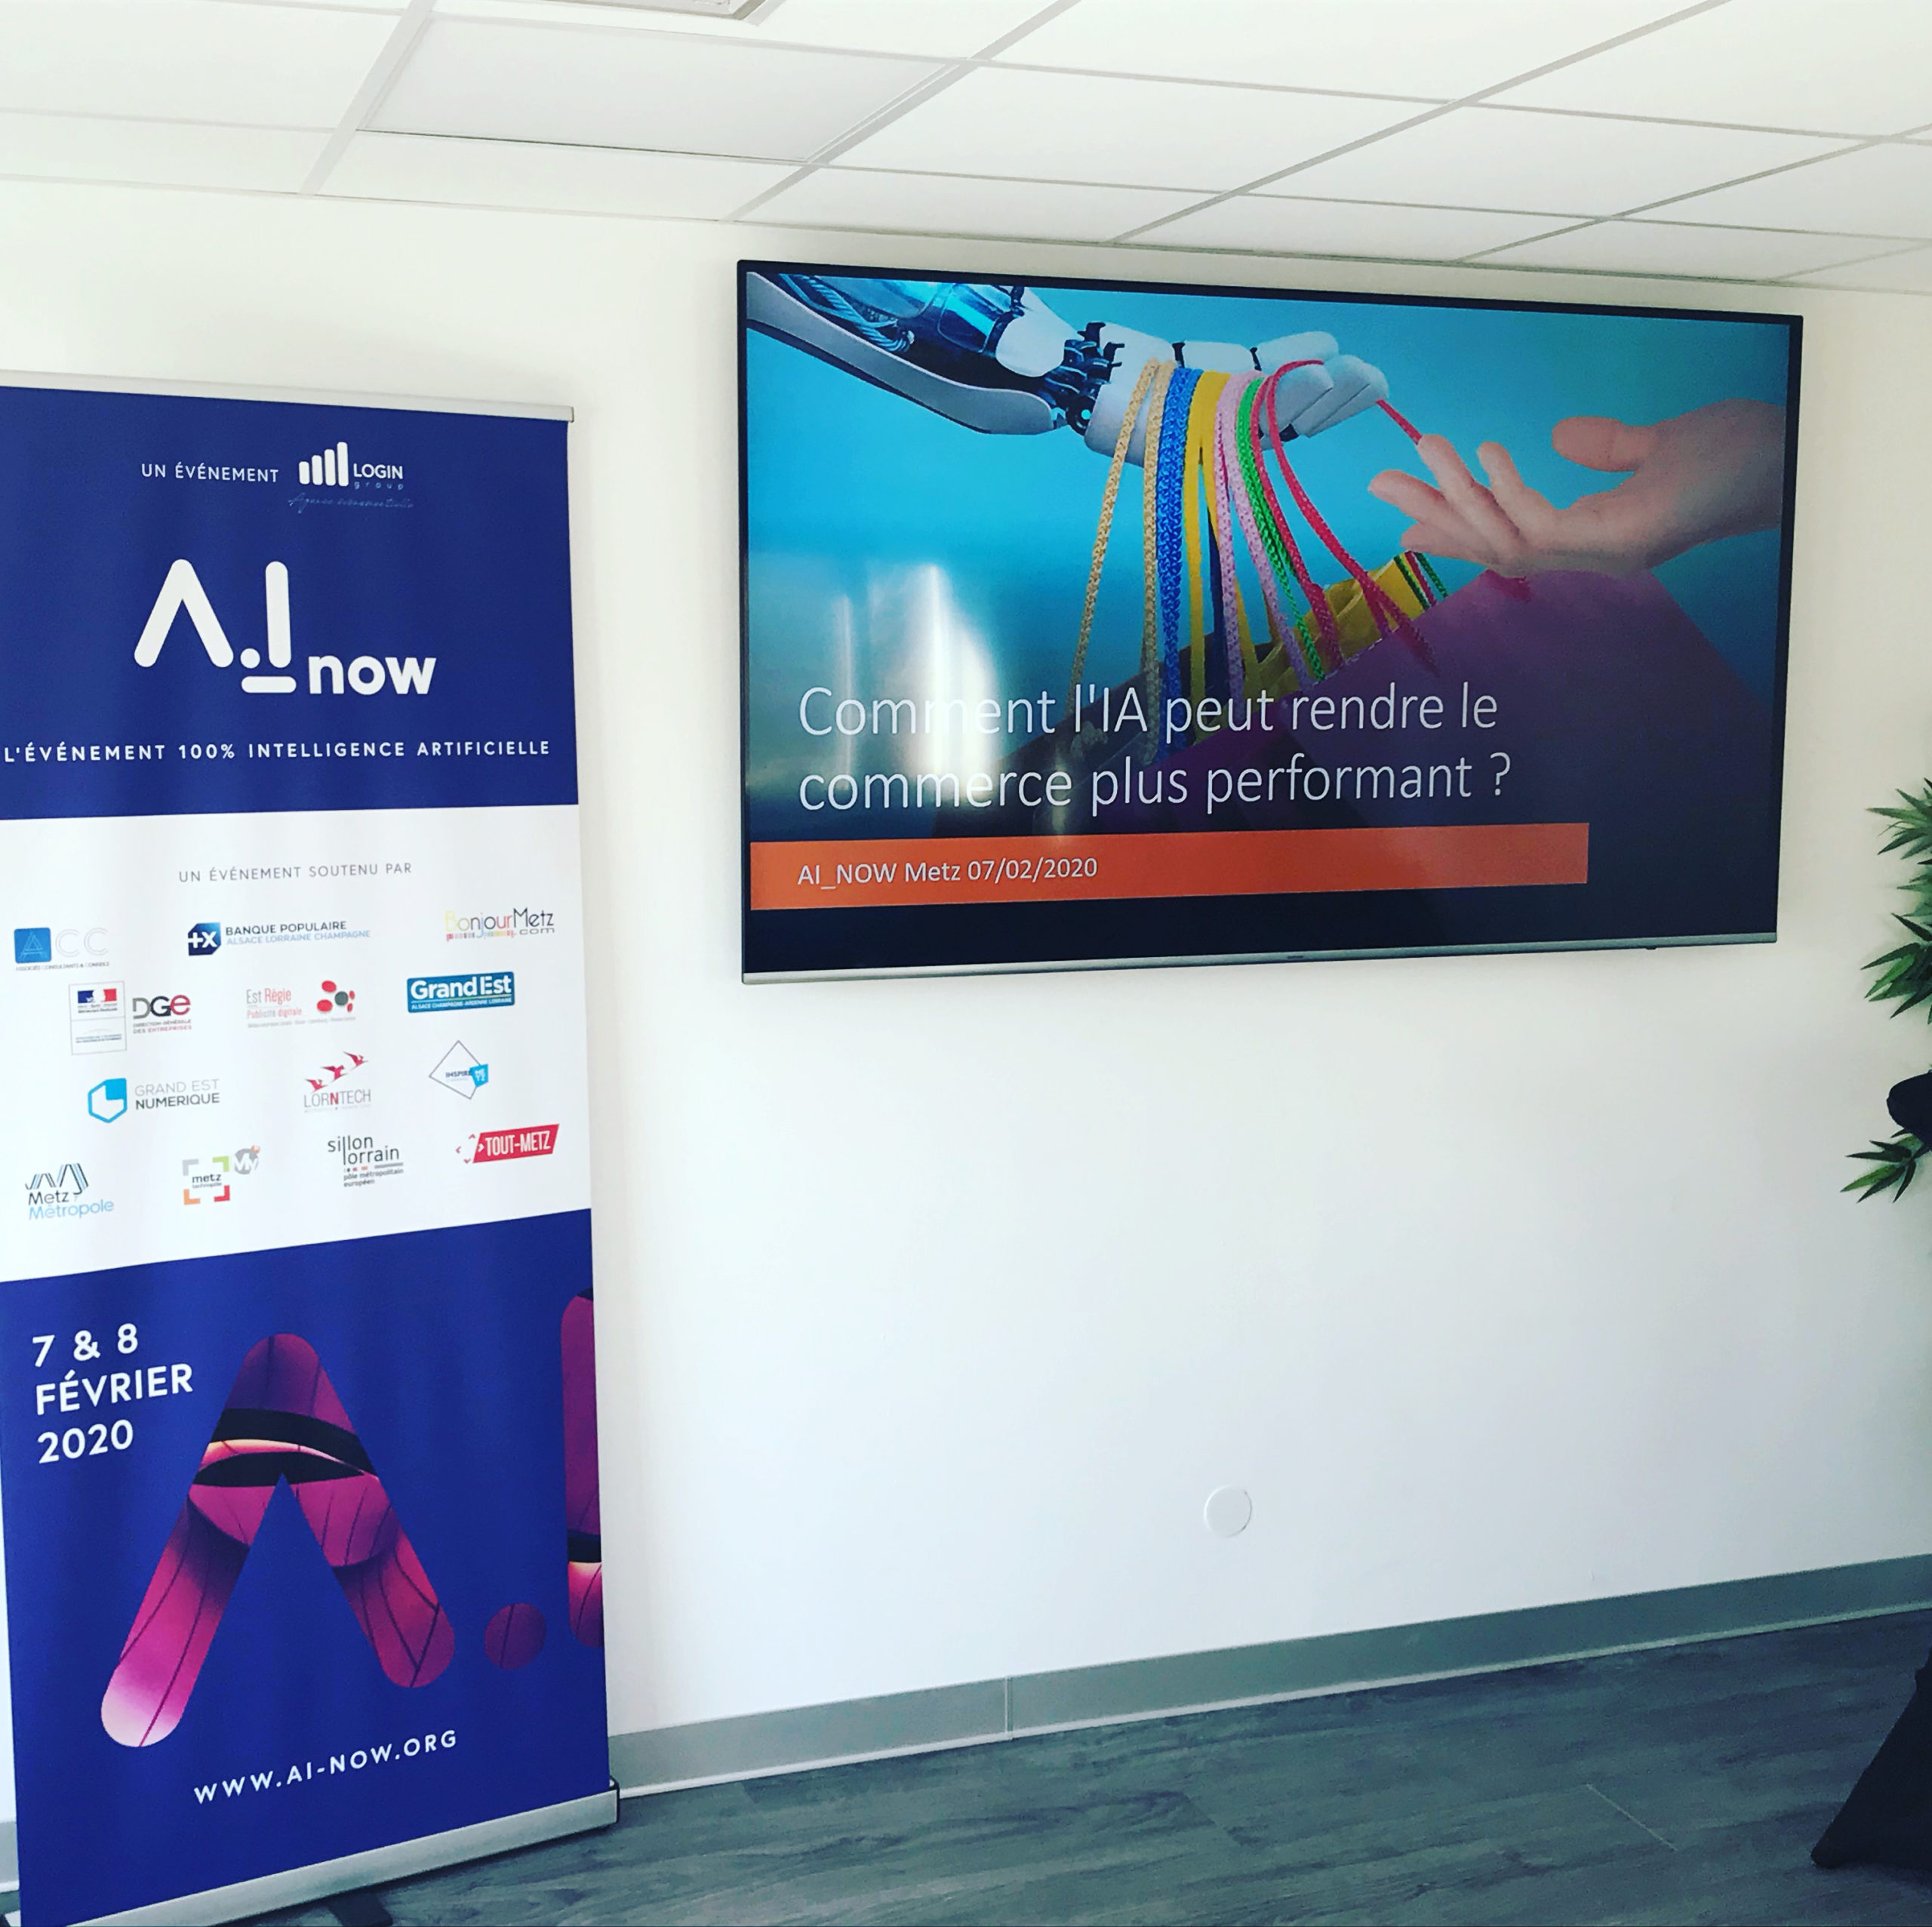 conférence ecommerce et intelligence arti AI NOW metzficielle